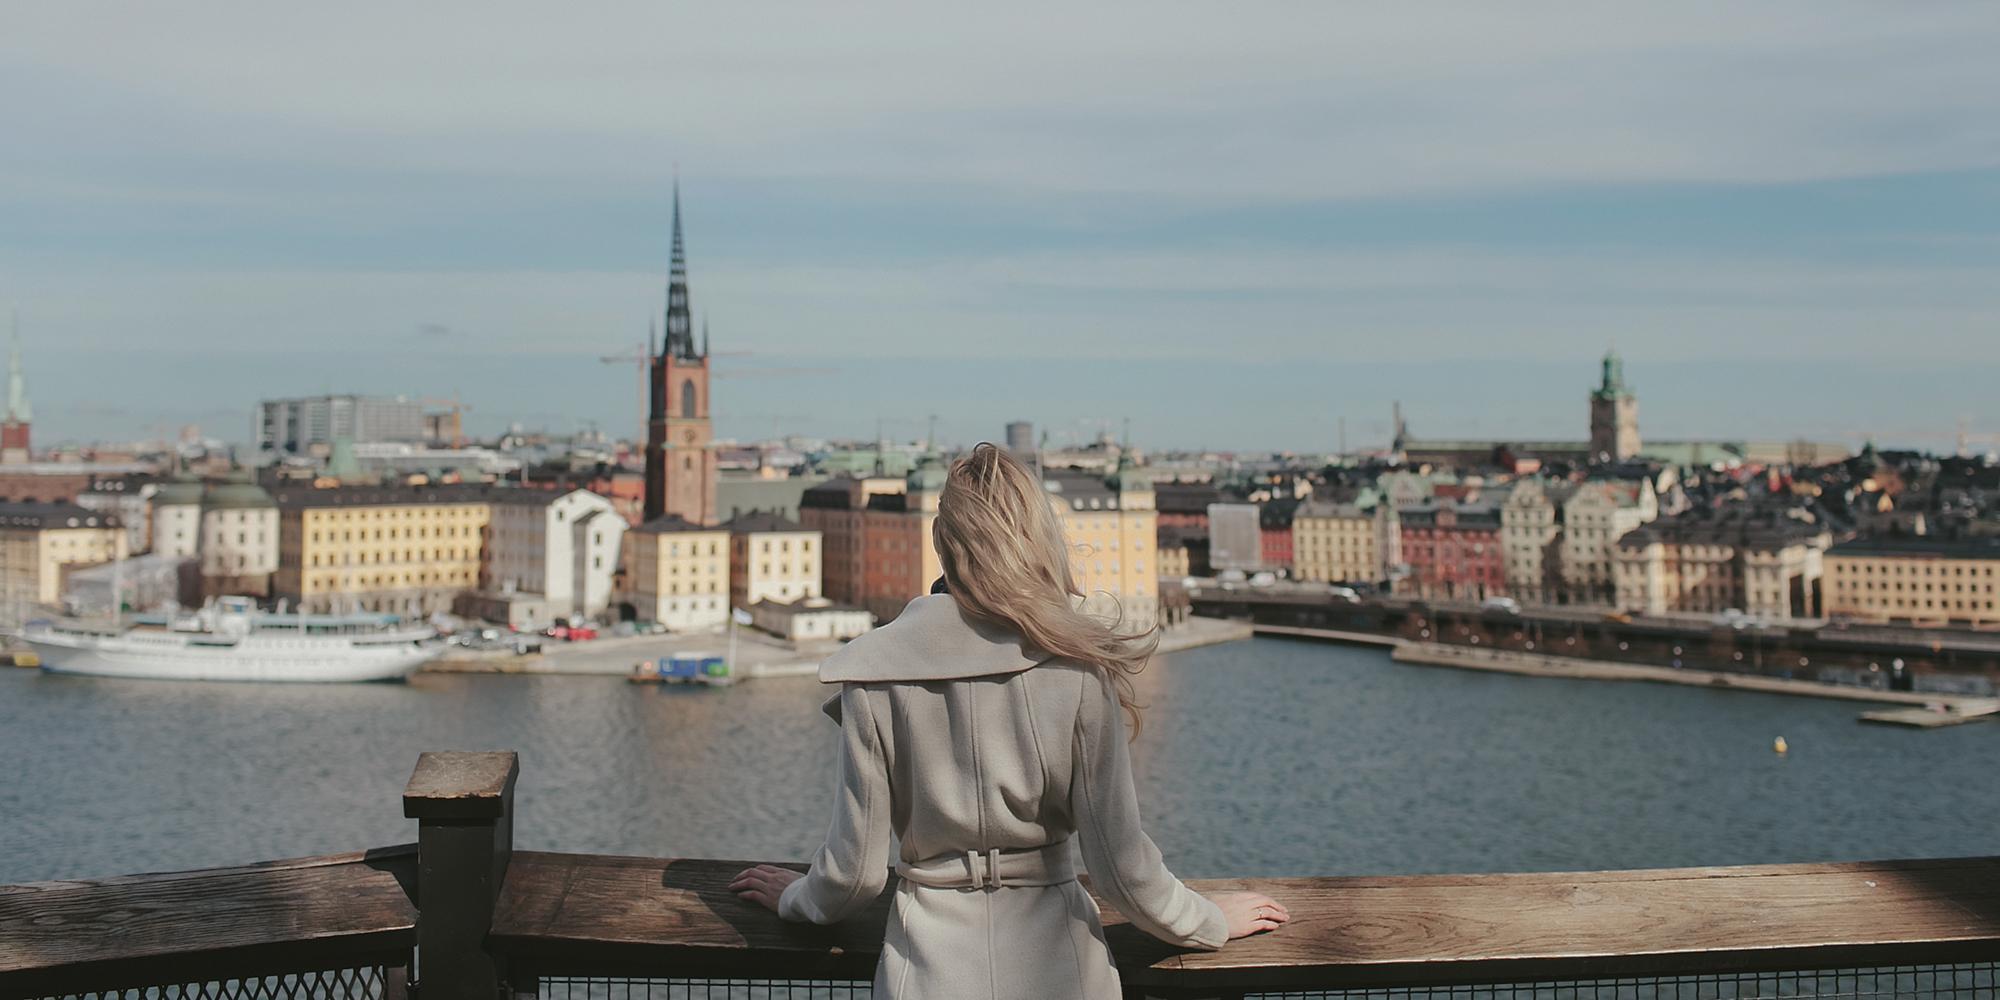 stockholm_2000х1000-1.jpg